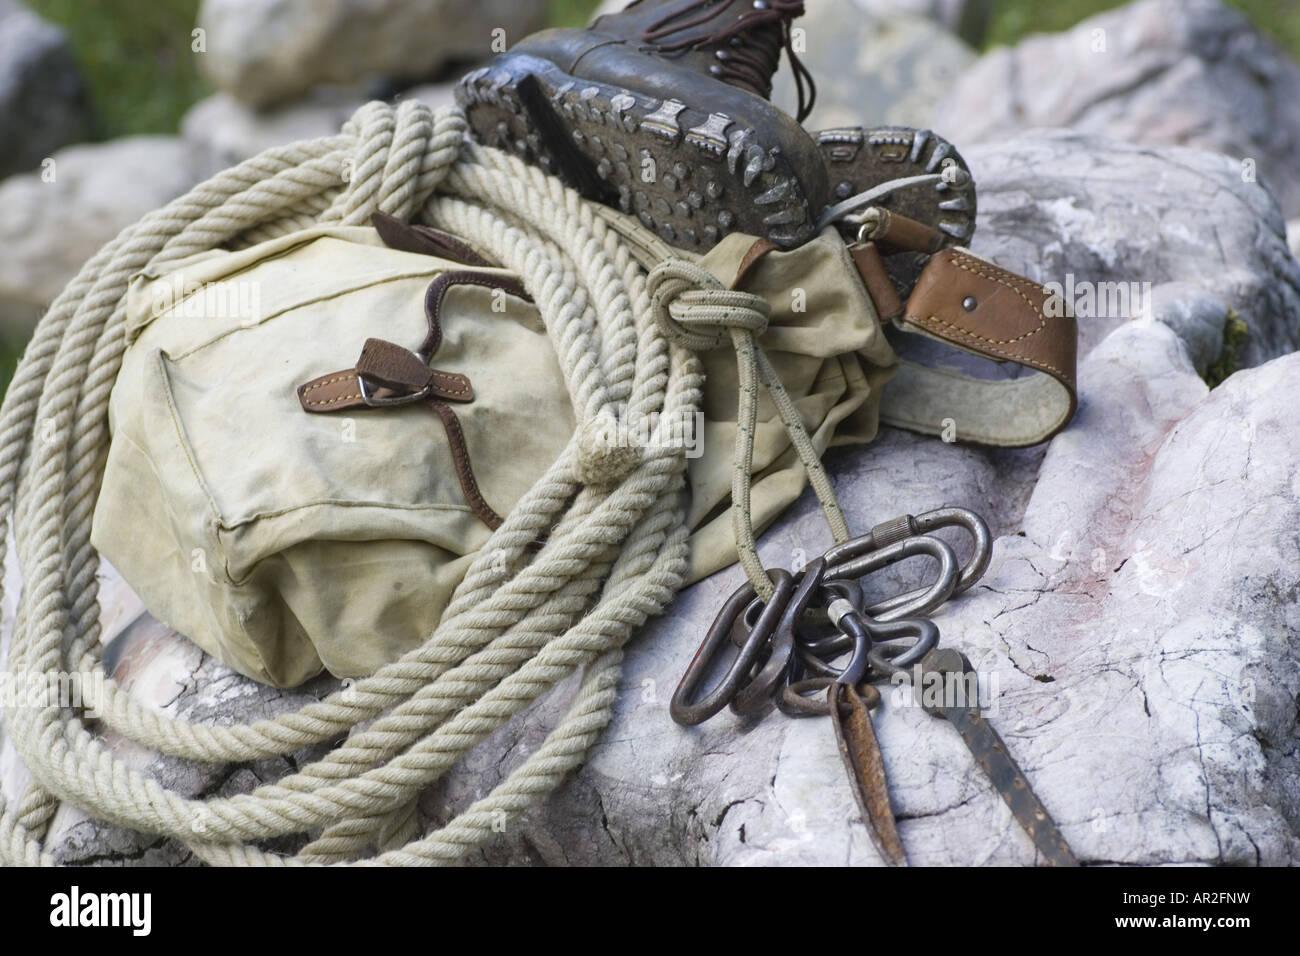 Kletterausrüstung Rucksack : Traditionelle kletterausrüstung rucksack seil karabiner und